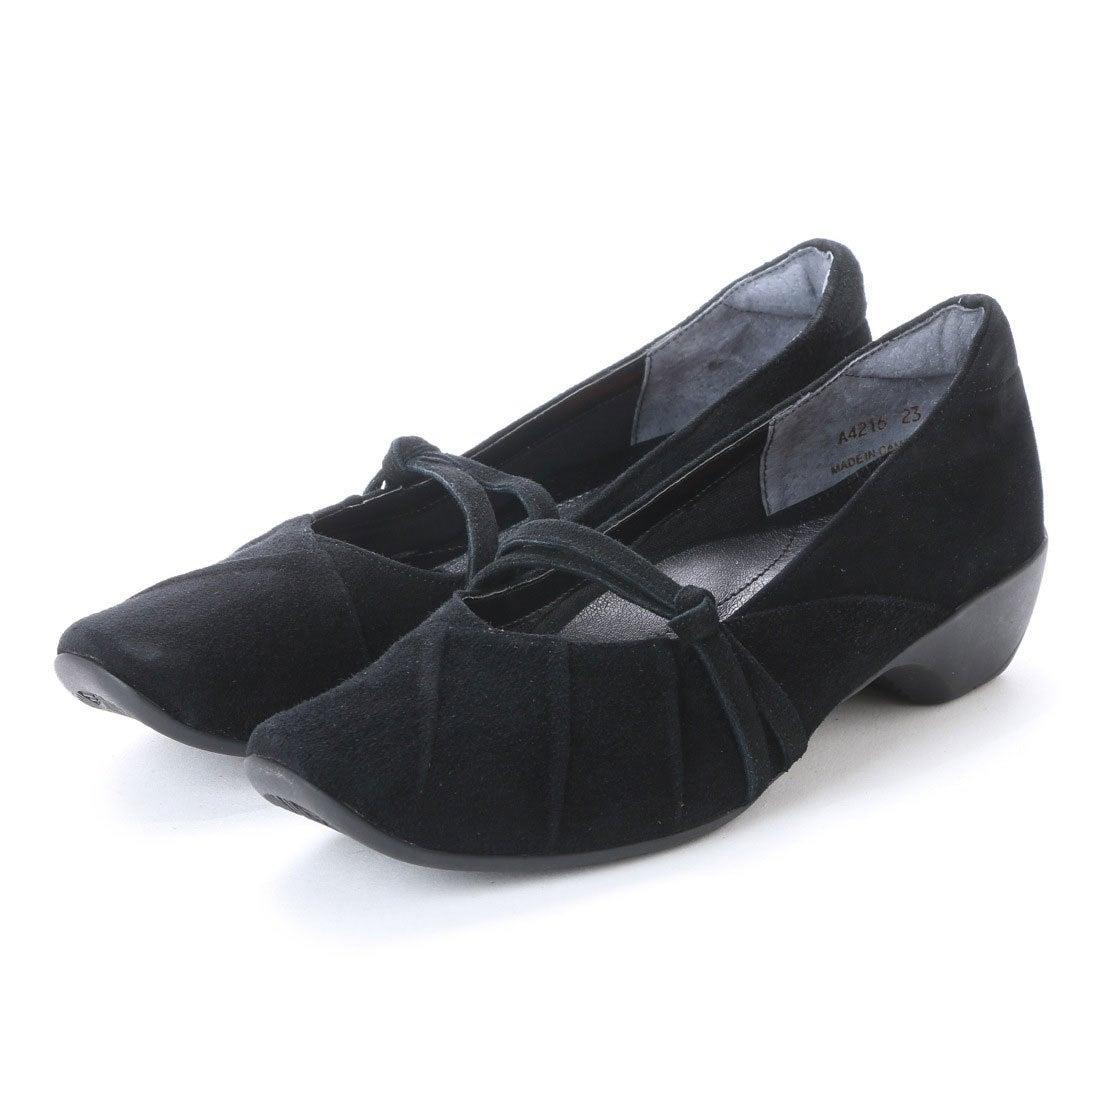 ロコンド 靴とファッションの通販サイトアルコジョイarcojoyウォーキング(ブラック)